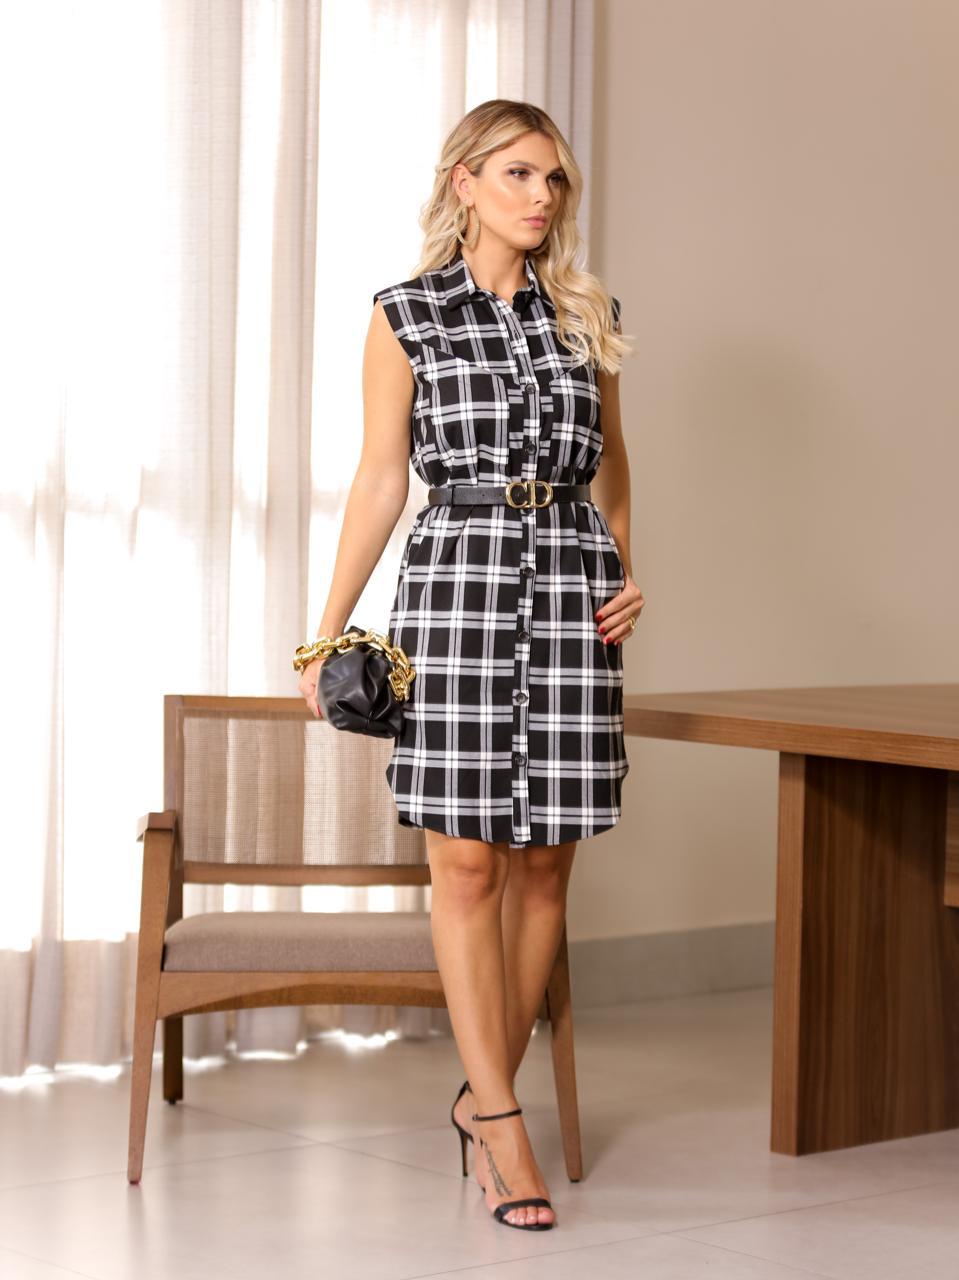 Vestido Toscana Regata Viscocrepe  3 % Elastano